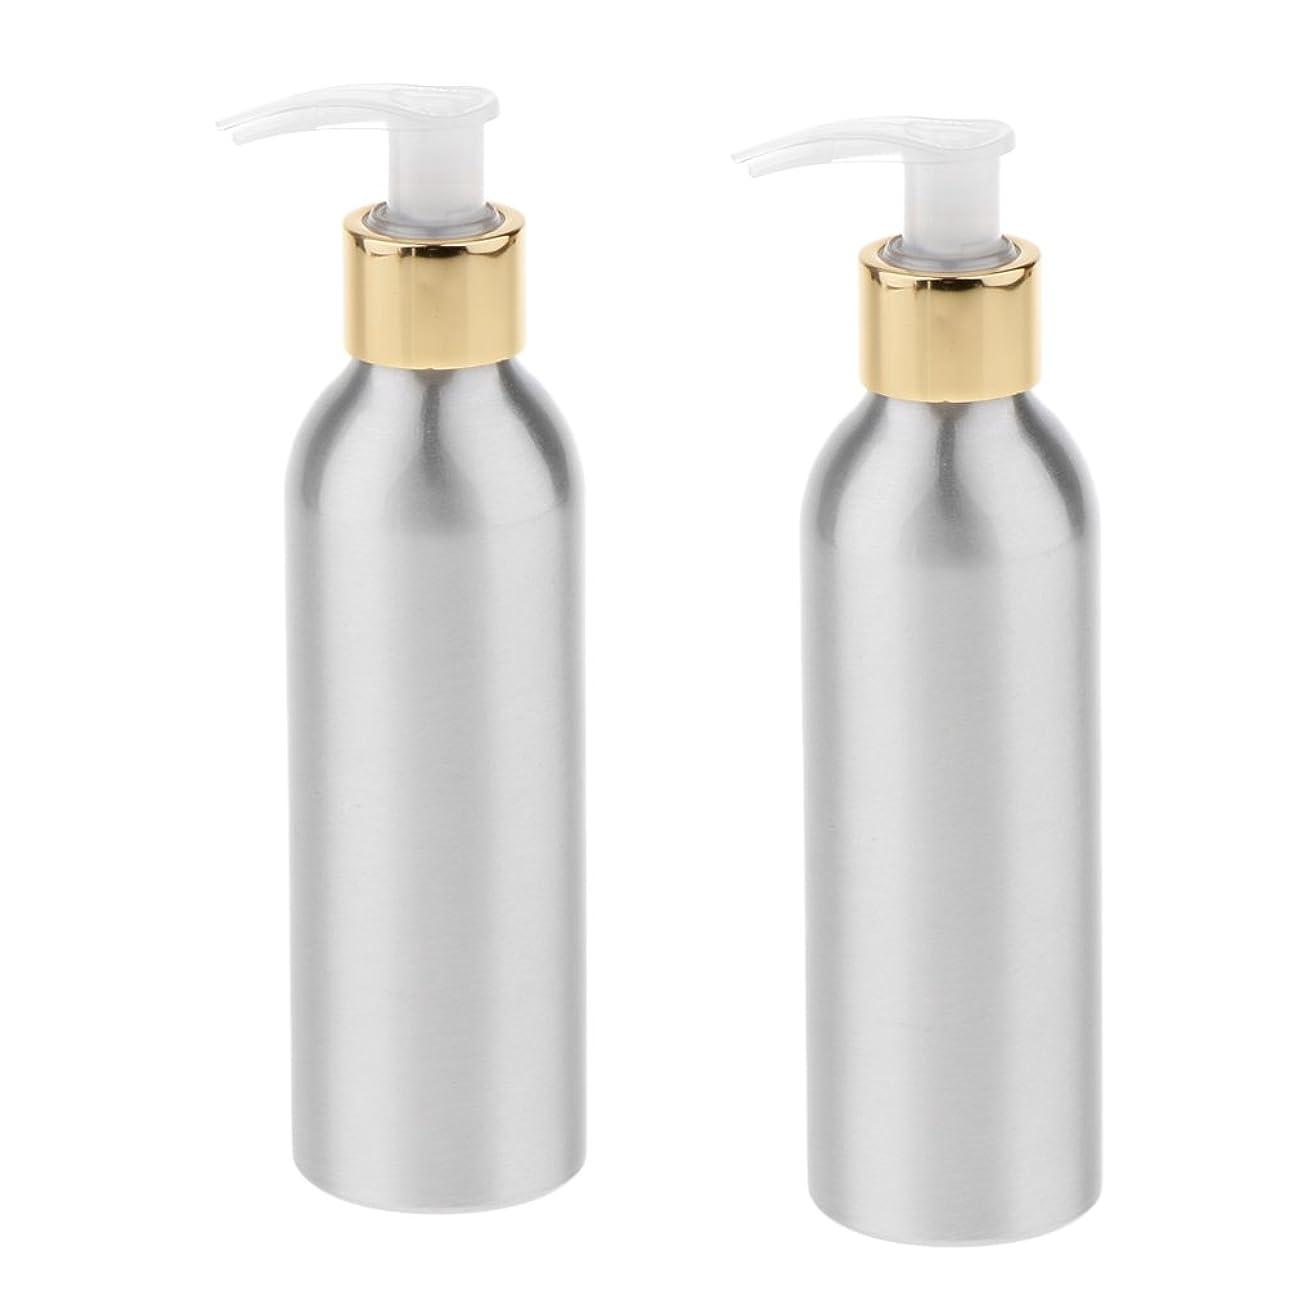 繊細ずっとピラミッドKesoto 2本 スプレーボトル 空ボトル アルミボトル スプレー ポンプボトル 香水ボトル シャンプー 噴霧器 アトマイザー 6サイズ選択 - 150m